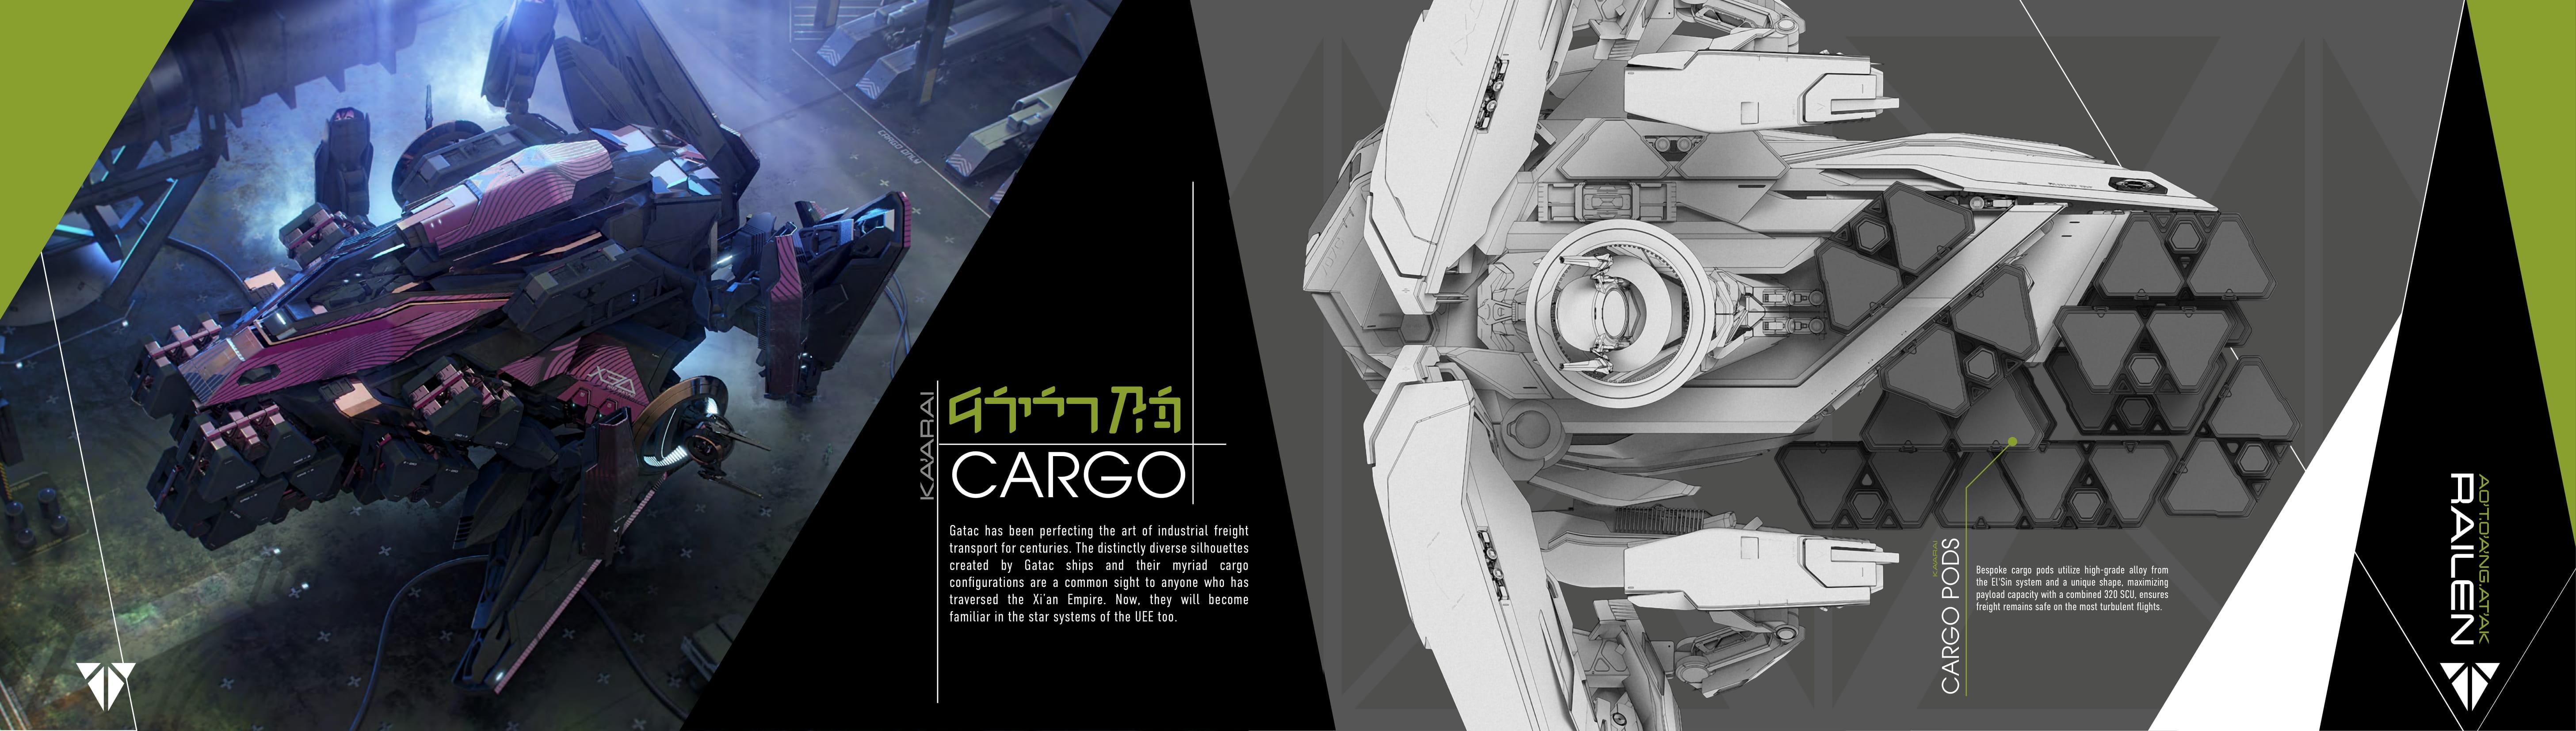 Xian_cargo_brochure-11